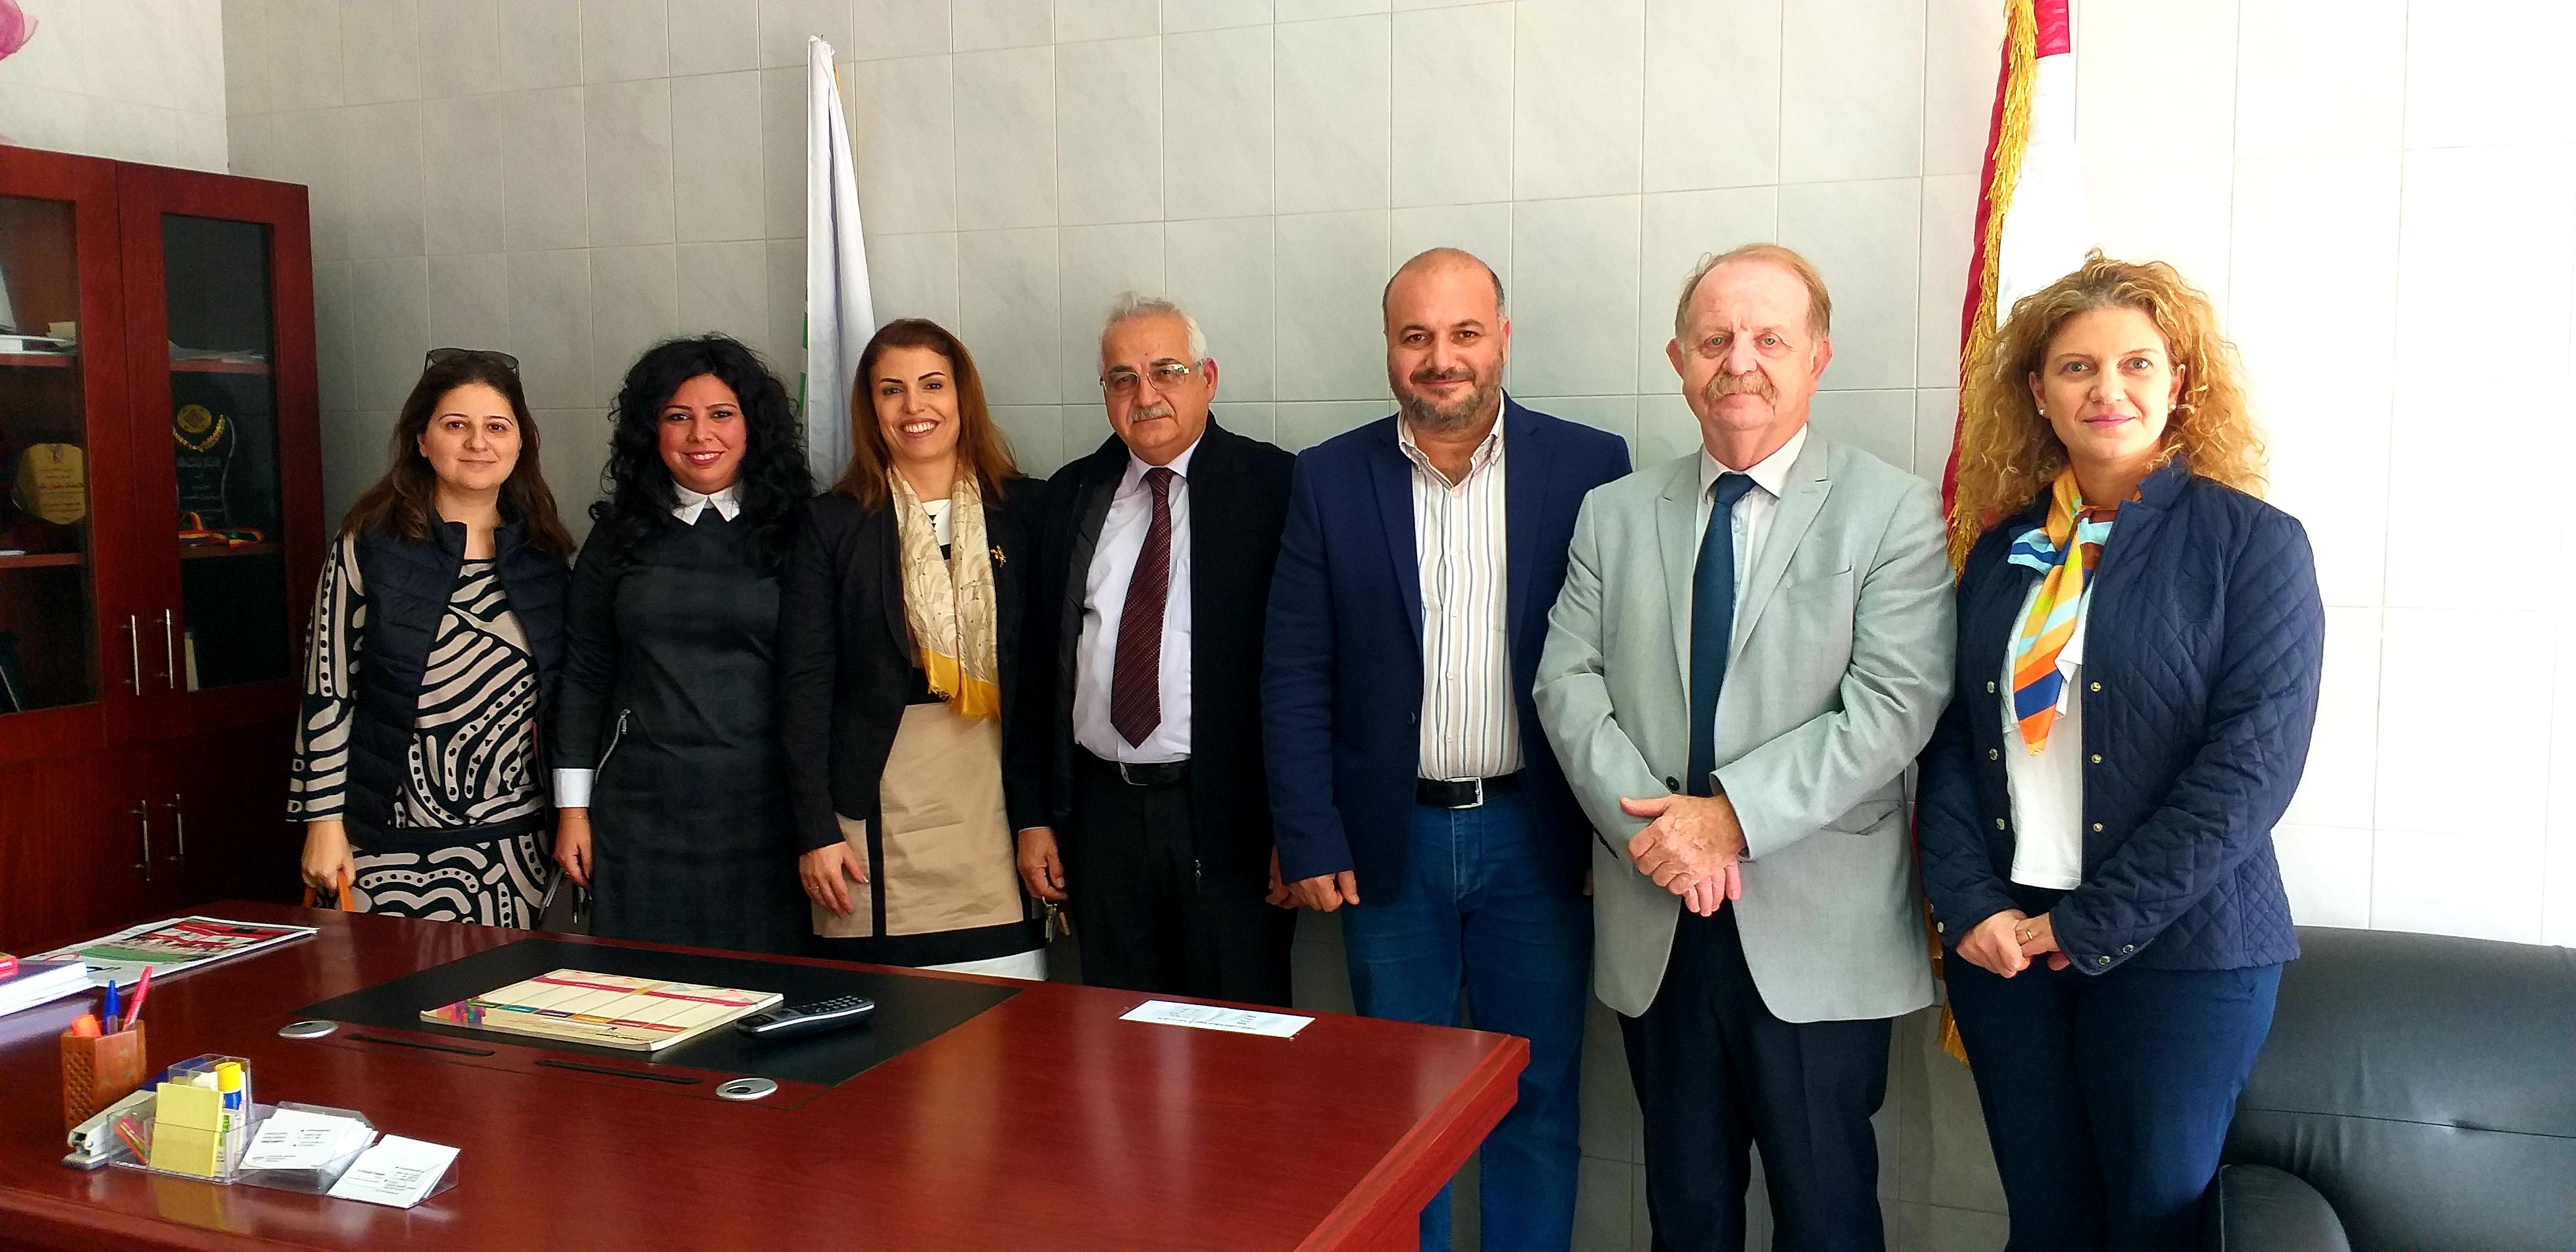 اجتماع عمل بين AUF والهيئة الوطنية للعلوم والبحوث